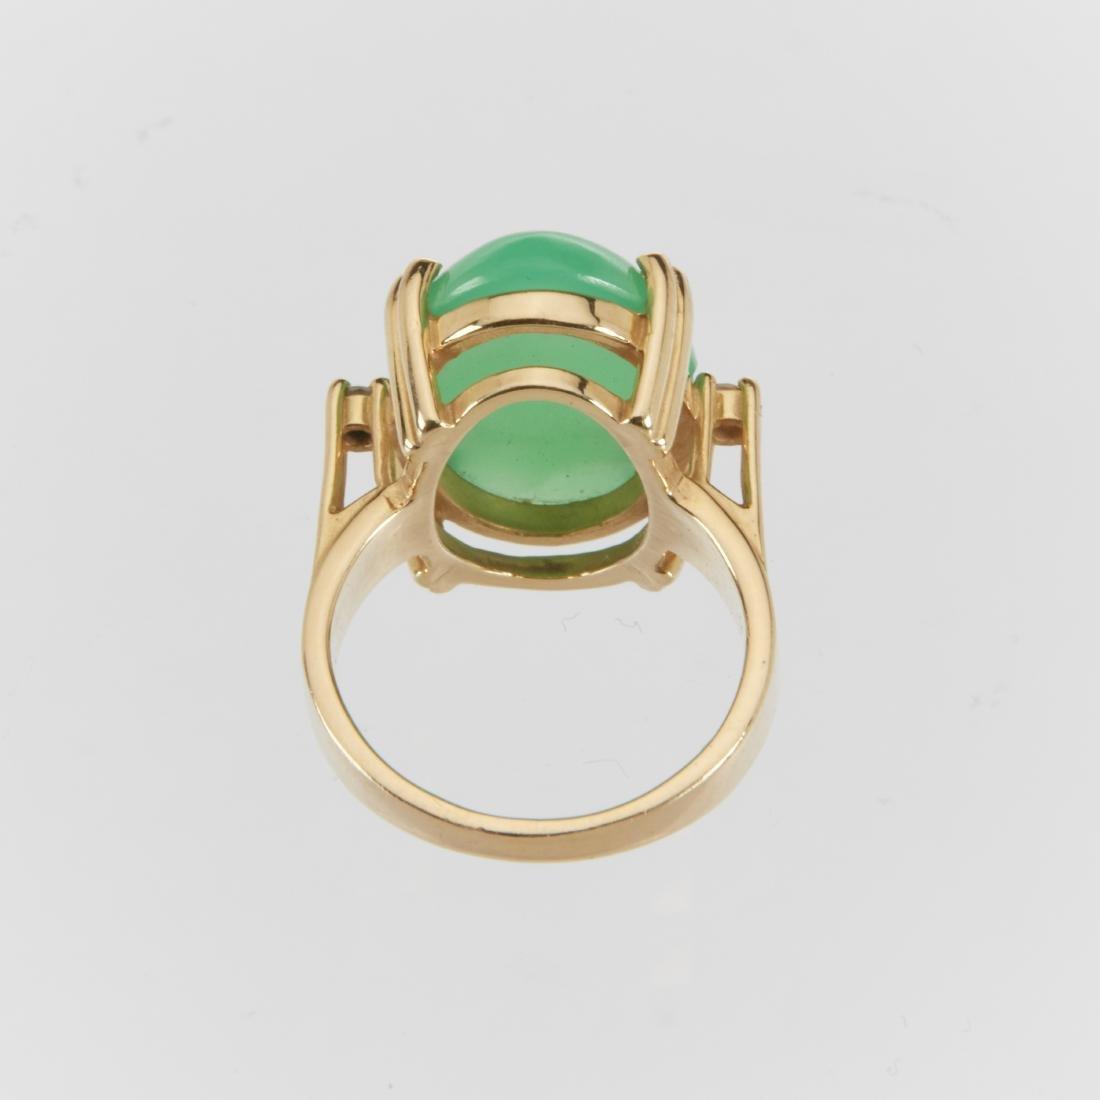 A 14K & Jade Ring & Earrings Set - 2